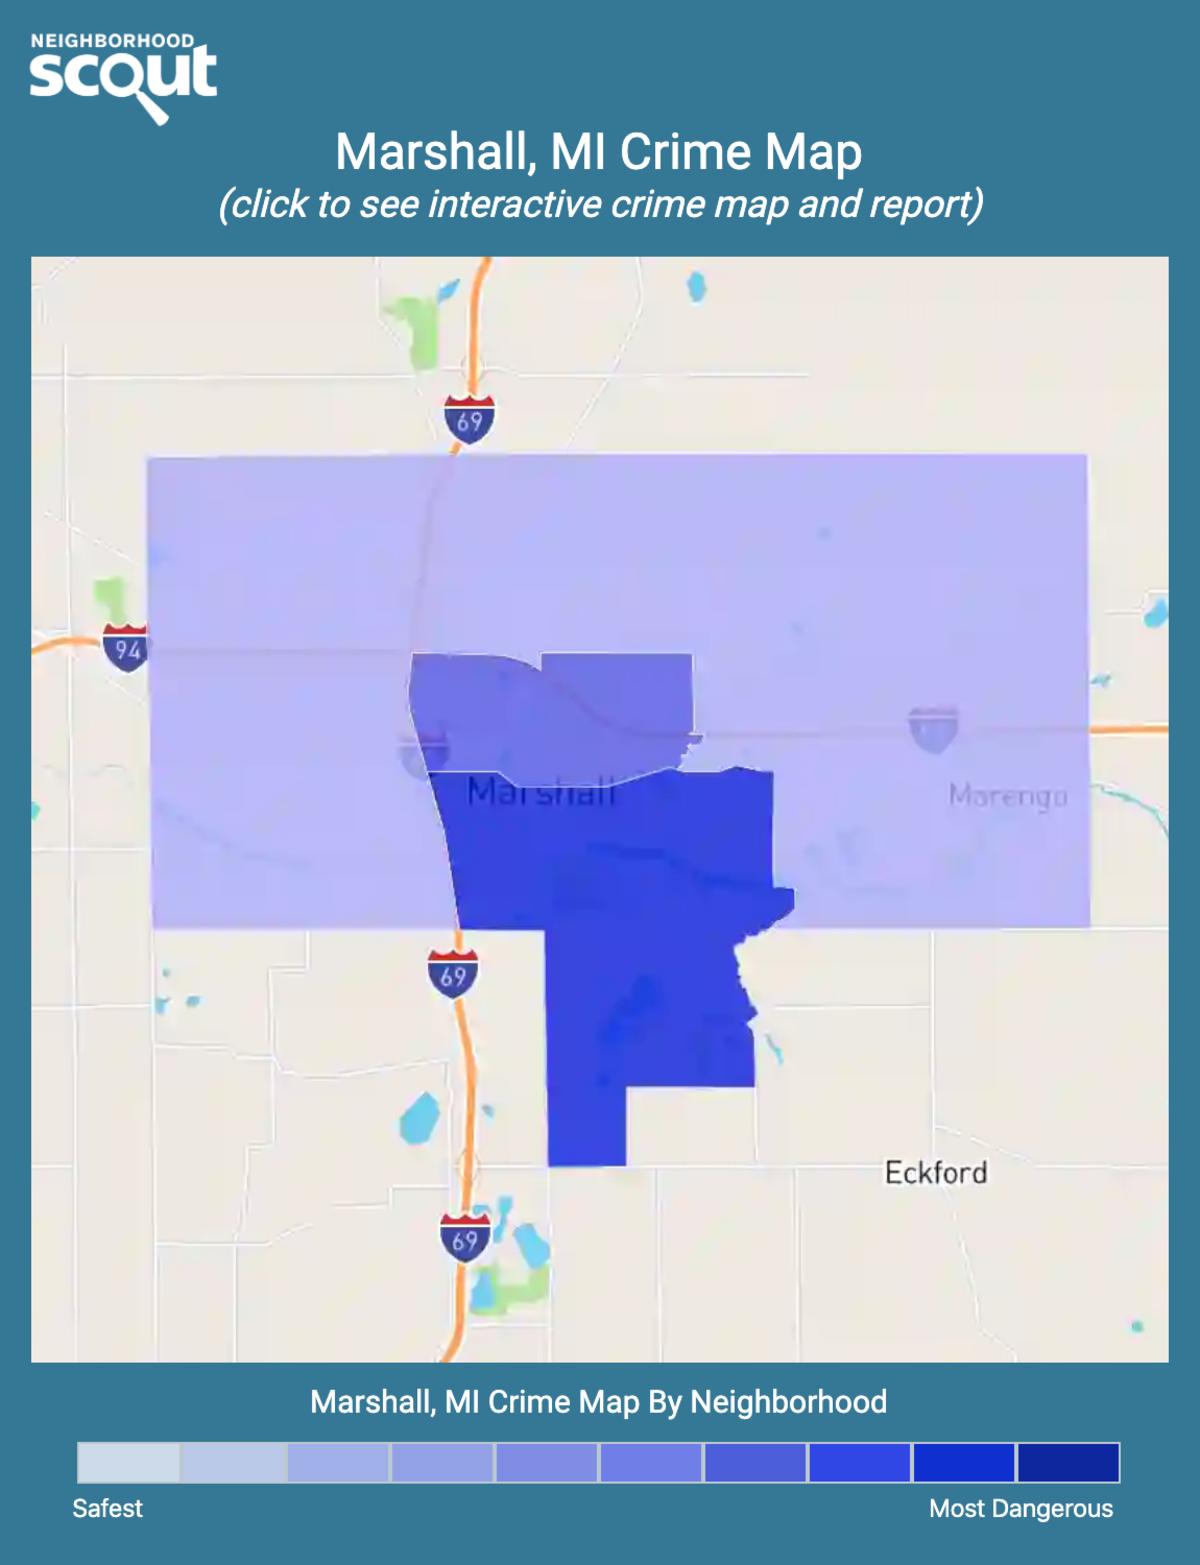 Marshall, Michigan crime map